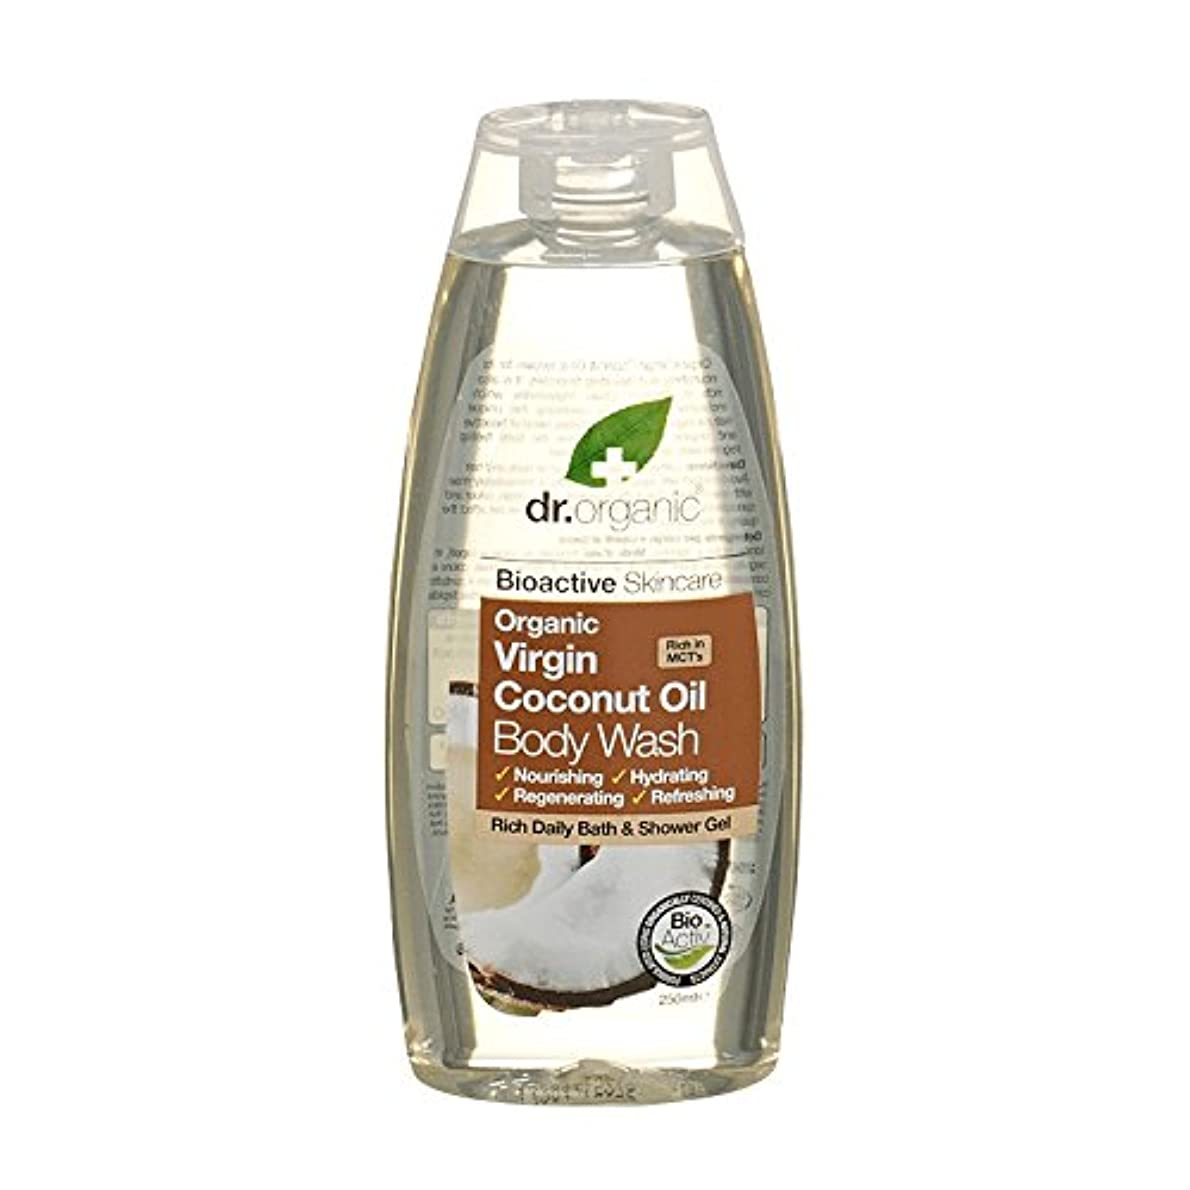 ハム商業のバットDr有機有機バージンココナッツオイルボディウォッシュ - Dr Organic Organic Virgin Coconut Oil Body Wash (Dr Organic) [並行輸入品]